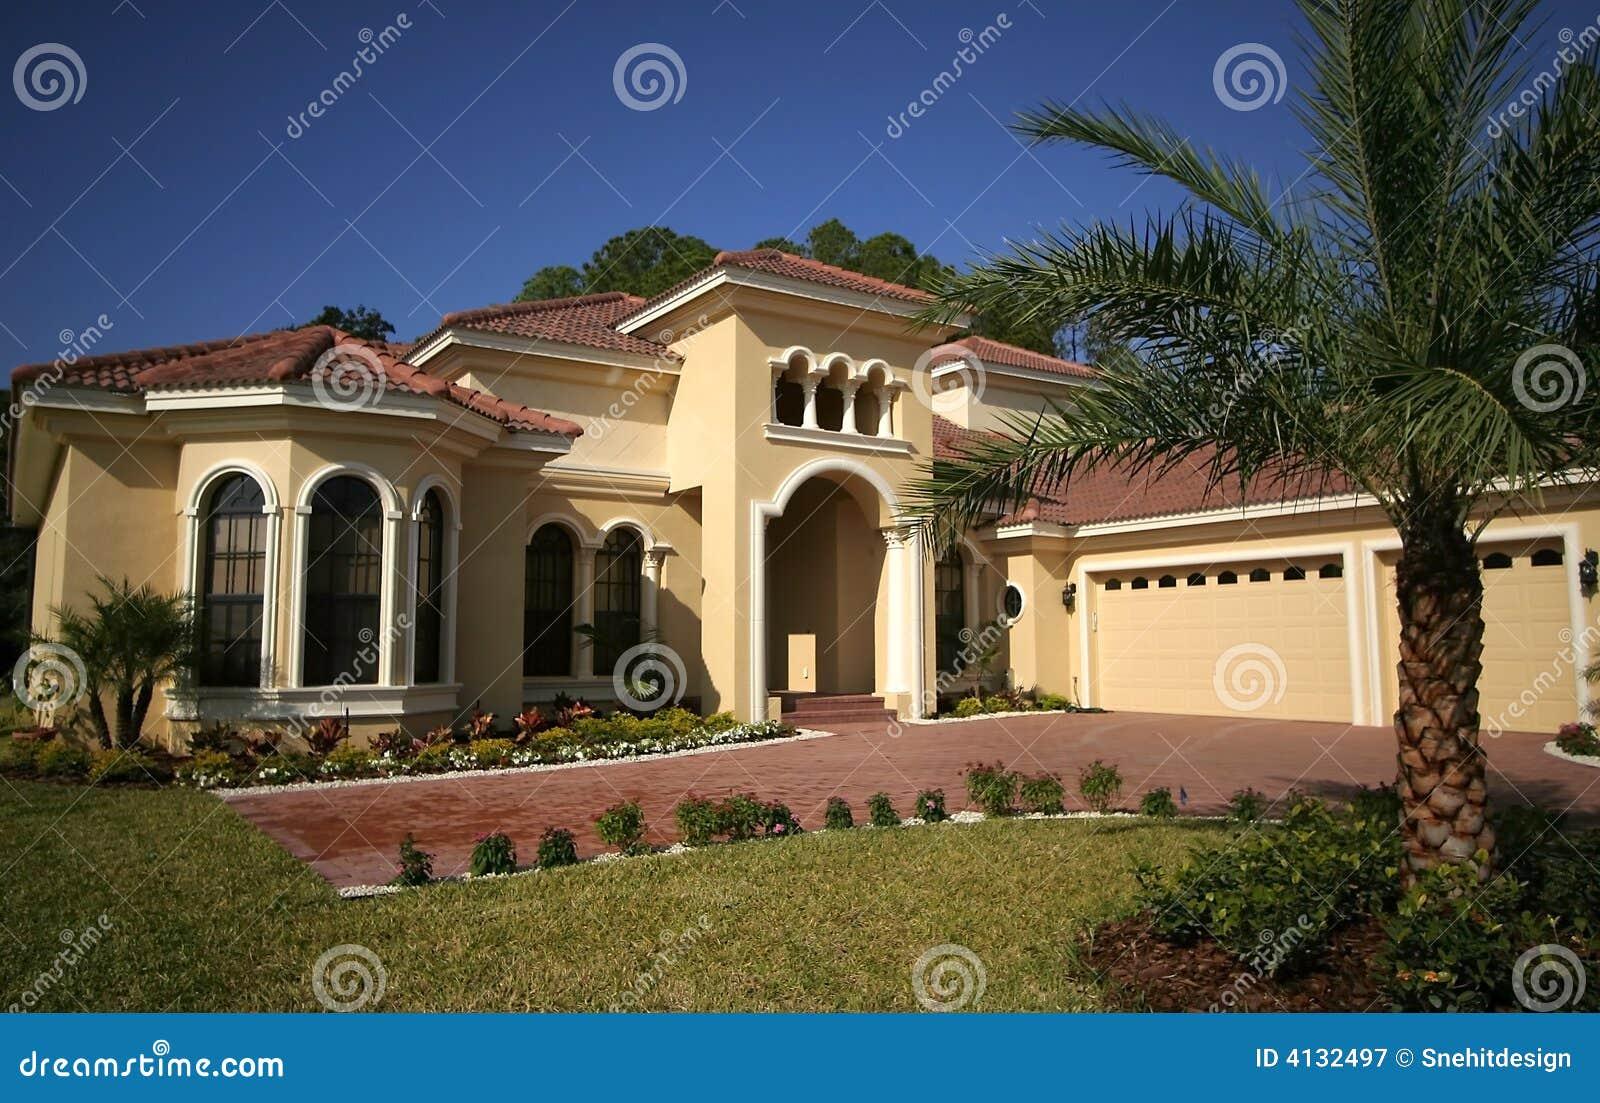 Casa de la Florida